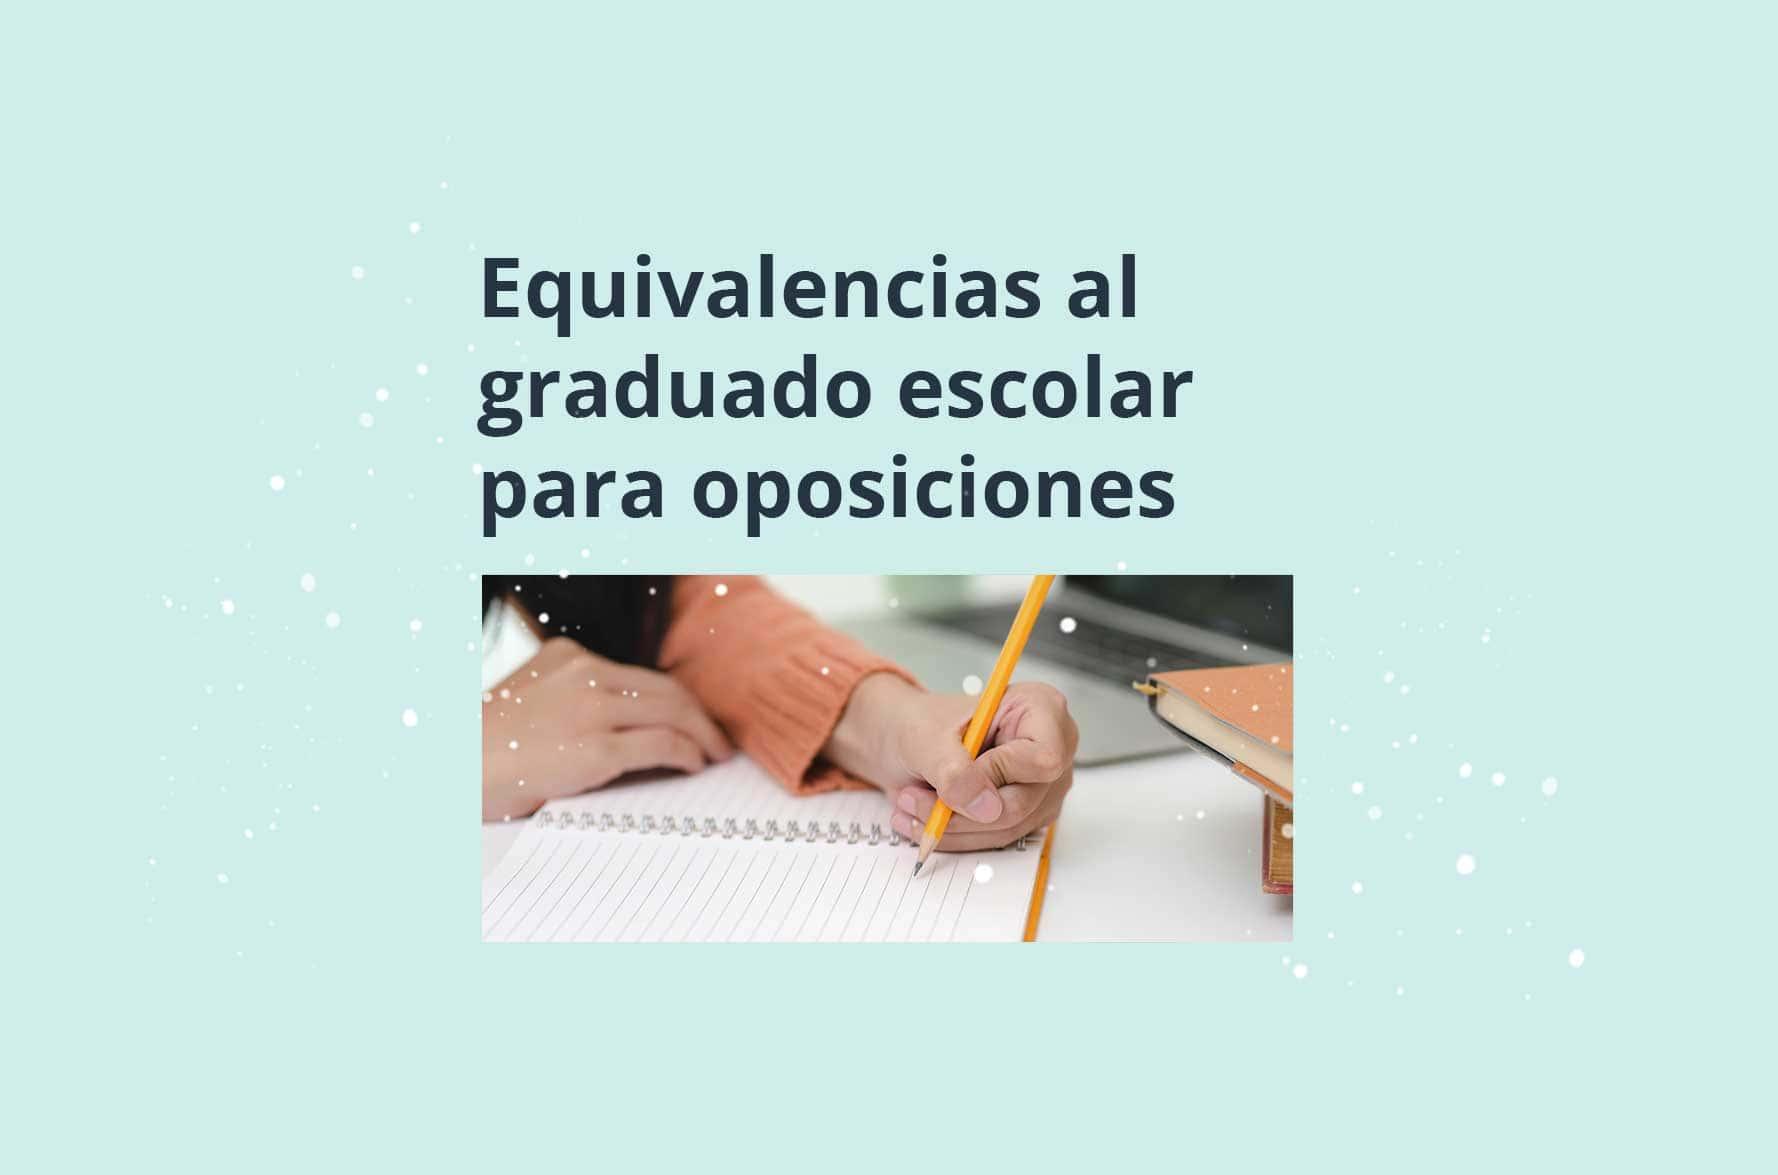 blog-equivalencia-graduado-escolar-gokoan